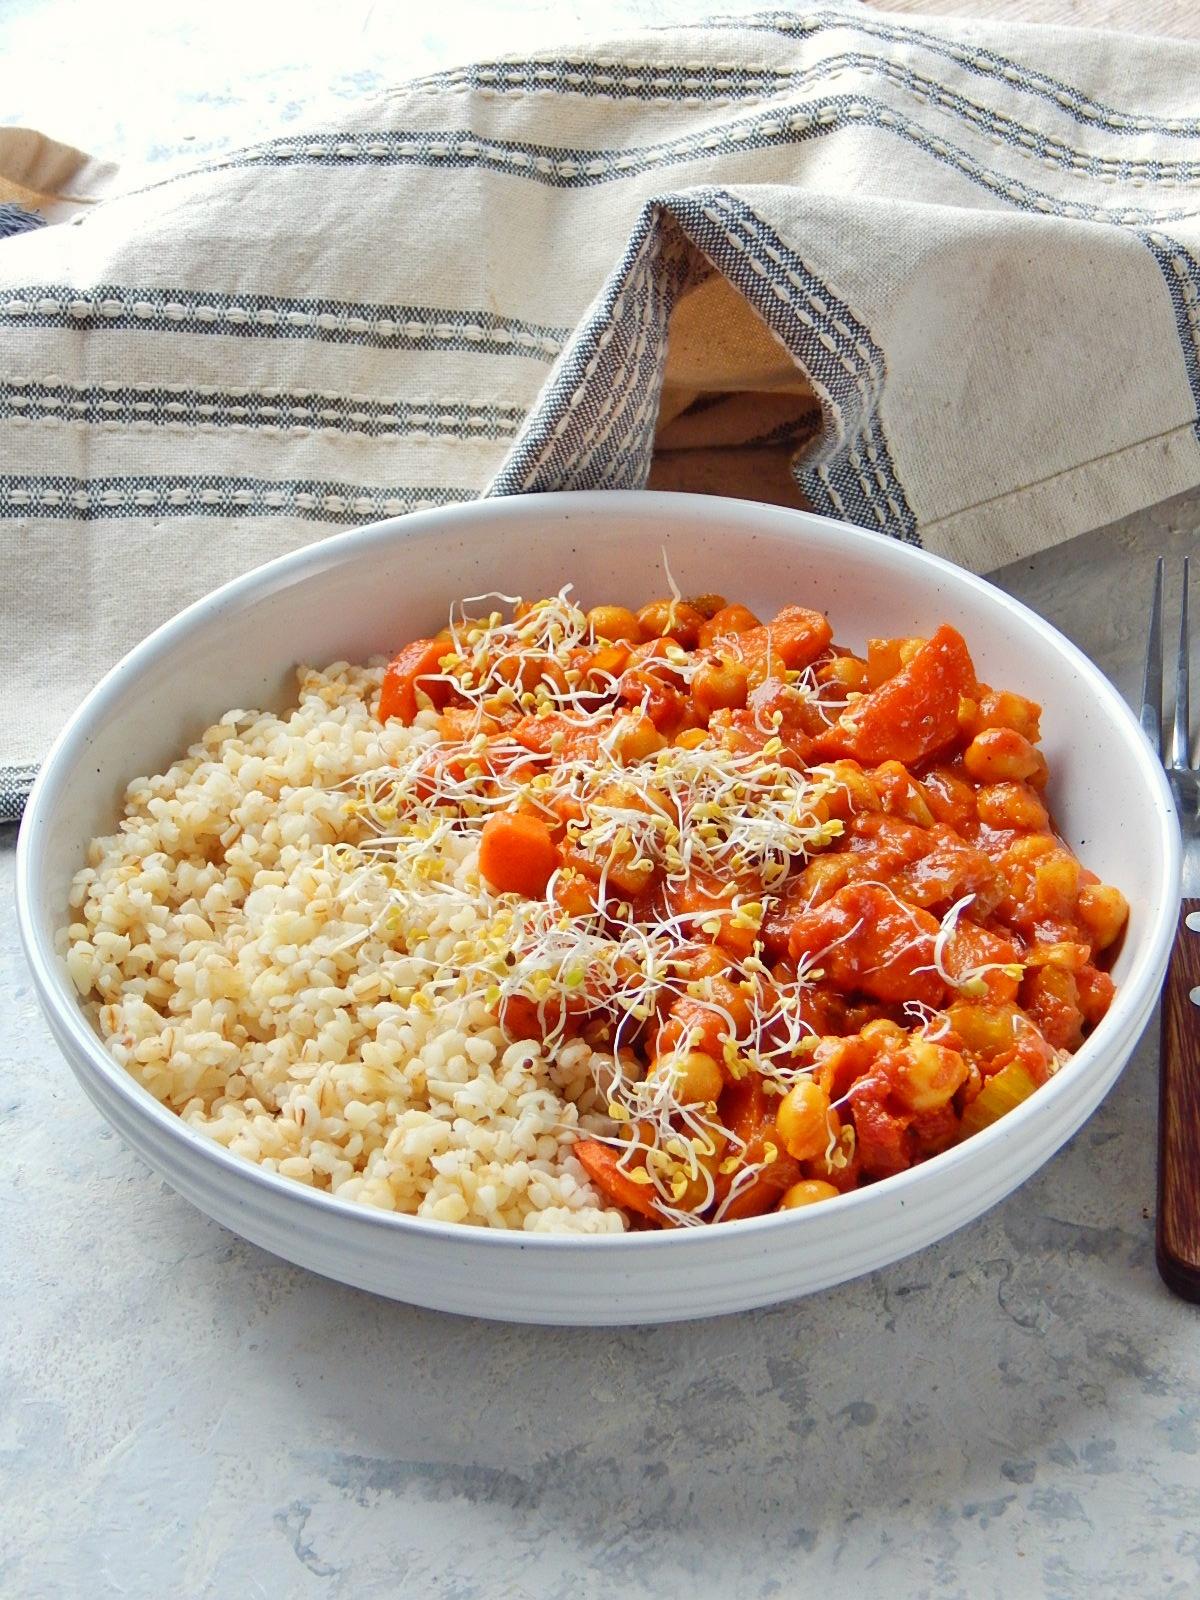 ciecierzyca w sosie pomidorowym, straczki, co jesc na diecie